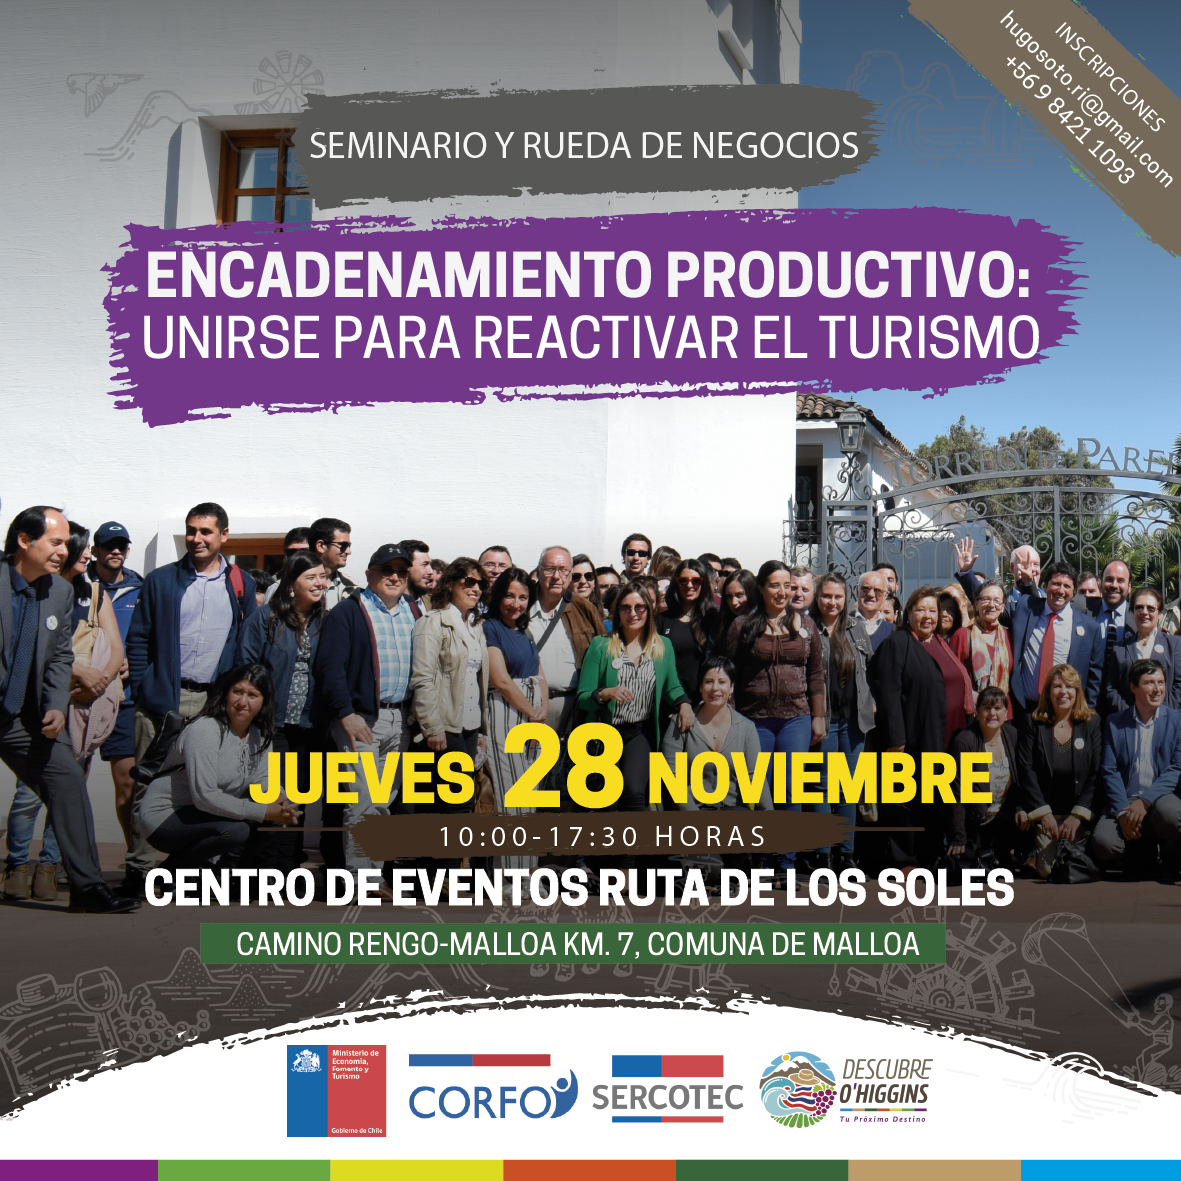 """Sercotec y Corfo realizan Seminario y Rueda de Negocios """"Encadenamiento productivo: Unirse para reactivar el turismo"""""""